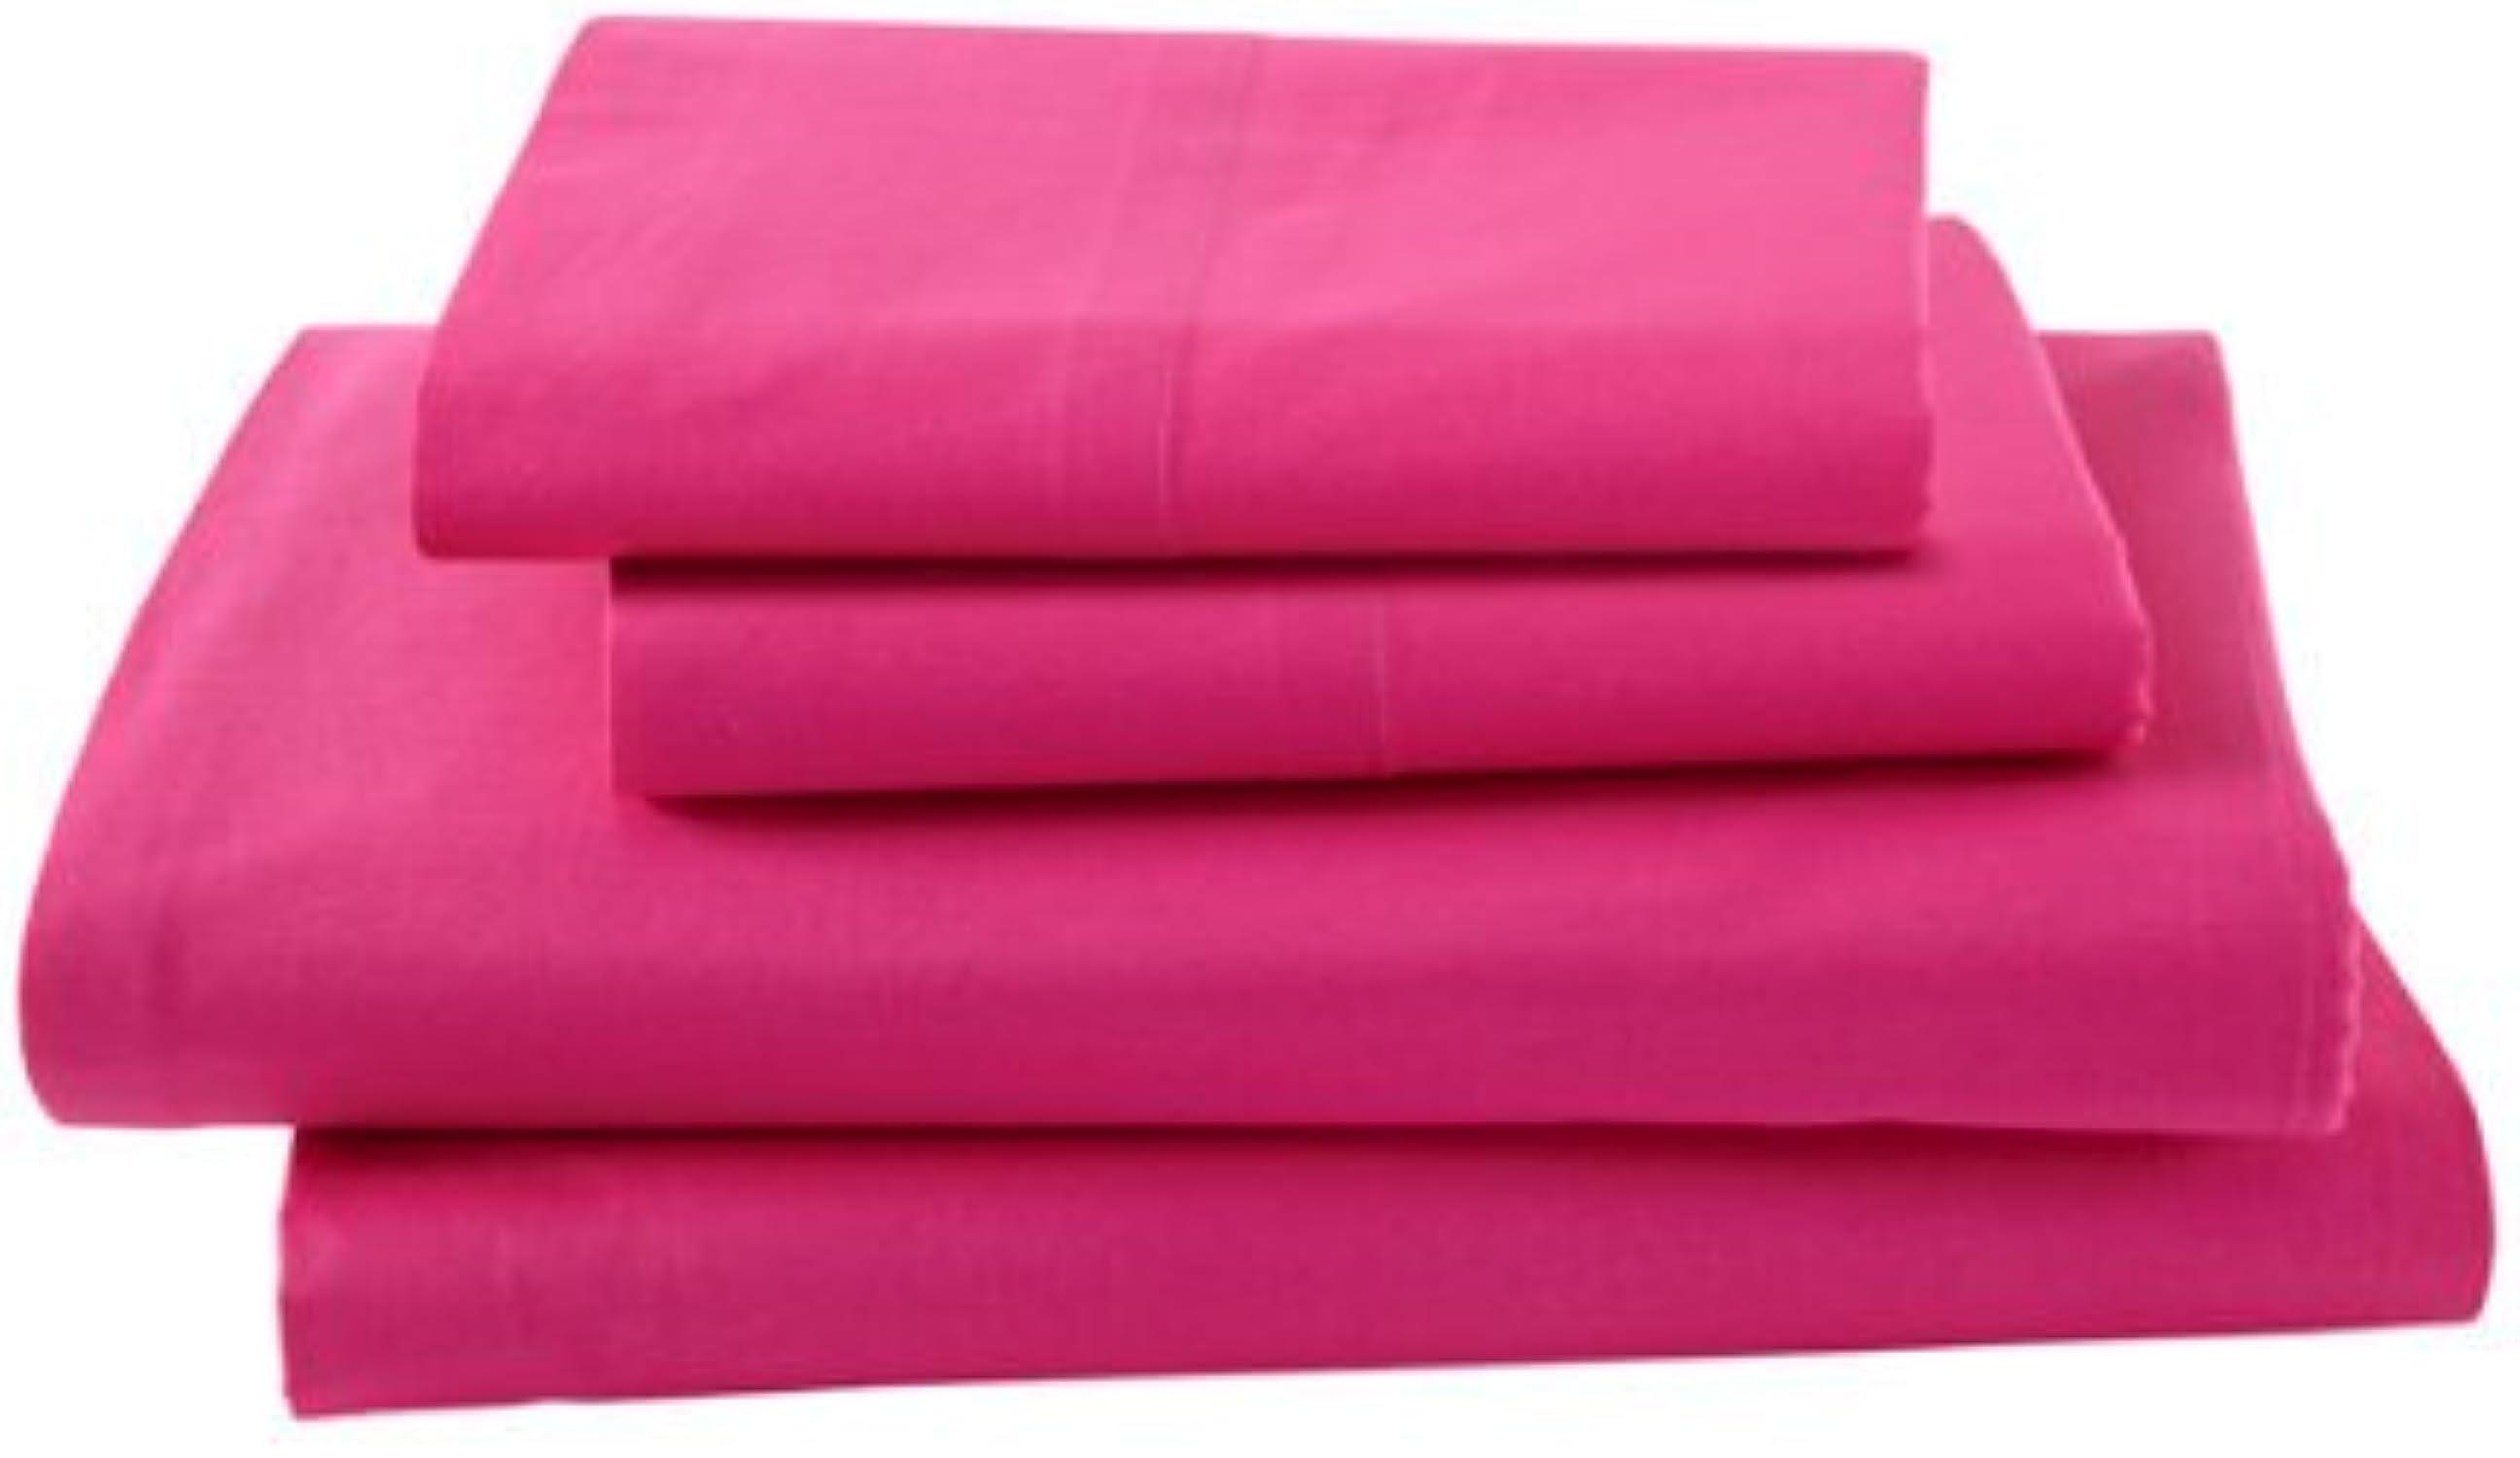 Laxlinens 350fils en coton égypcravaten 4pièces pour lit (+ 38,1cm) très profond Euro grand Poche Simple, massif rose vif